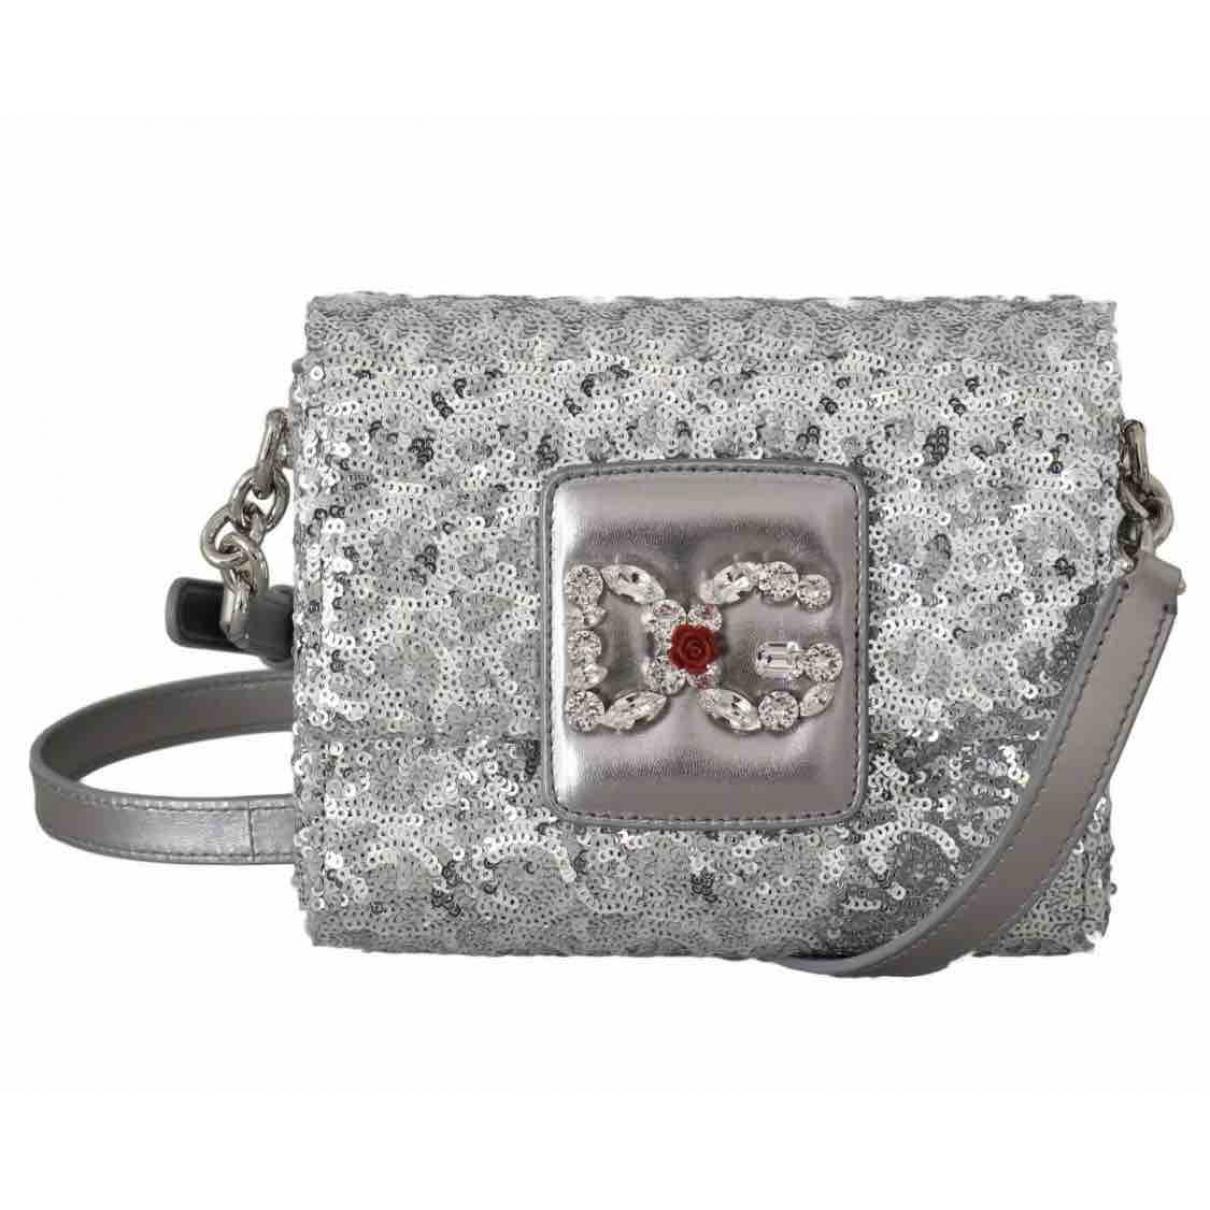 Dolce & Gabbana Millenials Silver handbag for Women \N